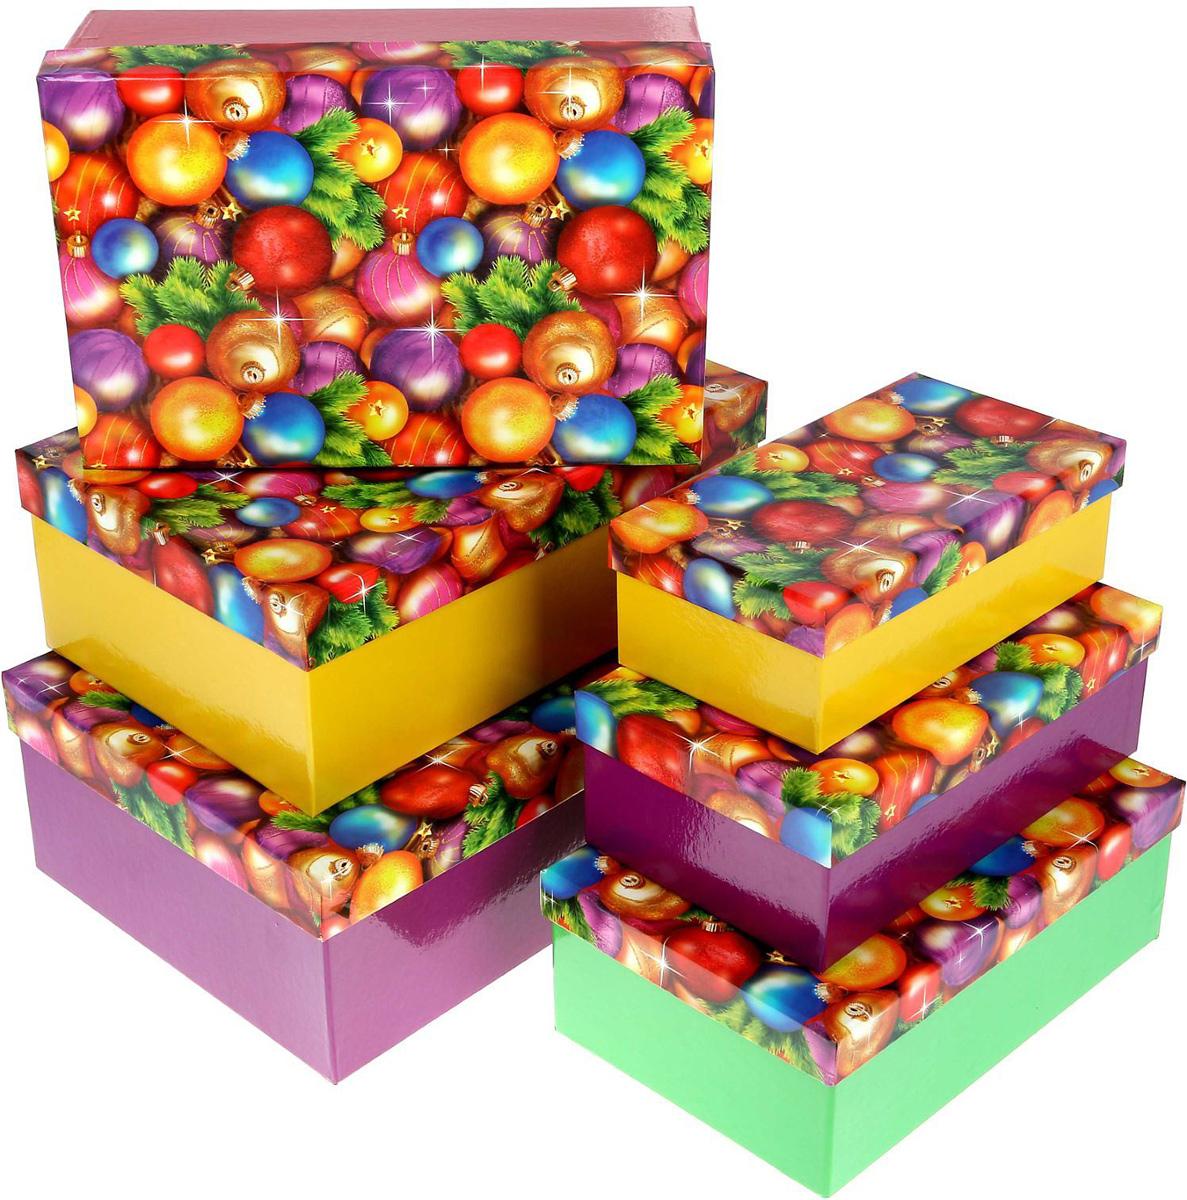 Набор коробок Sima-land Новогодние шары, 22,5 х 12,5 х 7,5 см, 25 х 15 х 8,5 см, 27 х 17 х 9,5 см, 30 х 20 х 10,5 см, 6 шт1350282Набор коробок Sima-land выполнен из картона. В наборе 6 коробок.Оригинальная упаковка выделит презент из массы других, расскажет о ваших теплых чувствах, наполнит праздник сказочной атмосферой.